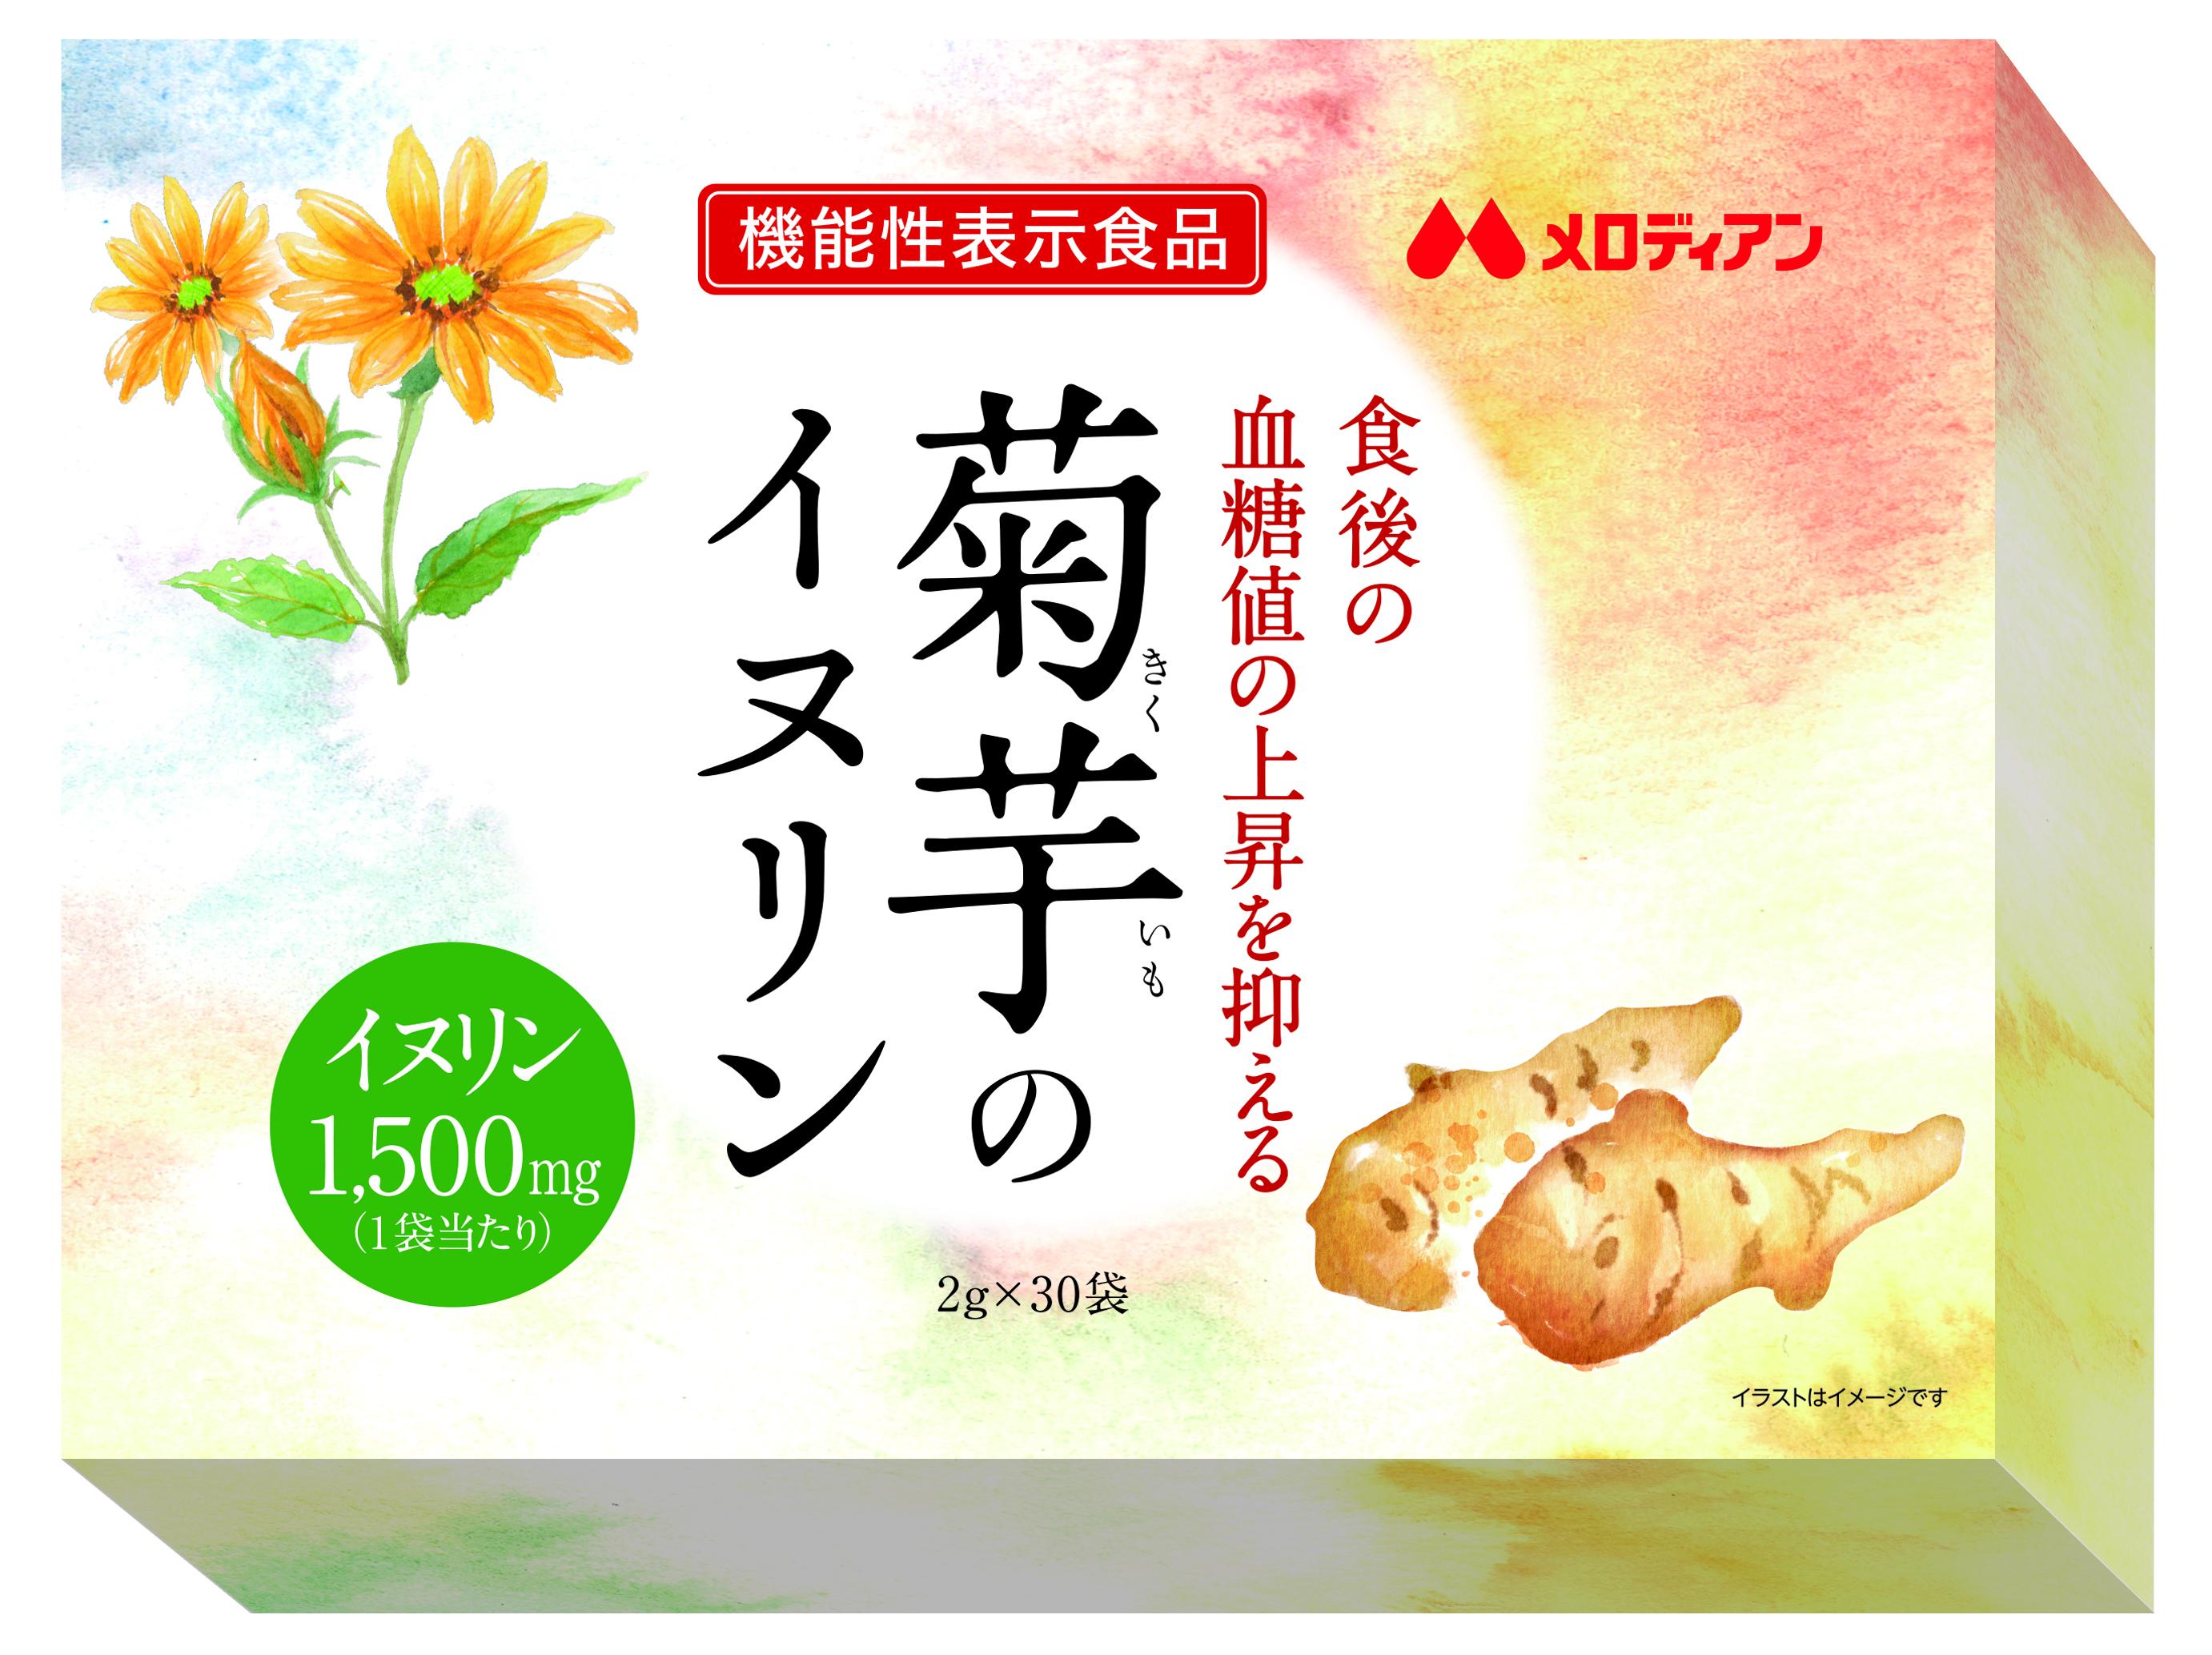 機能性表示食品 菊芋のイヌリン